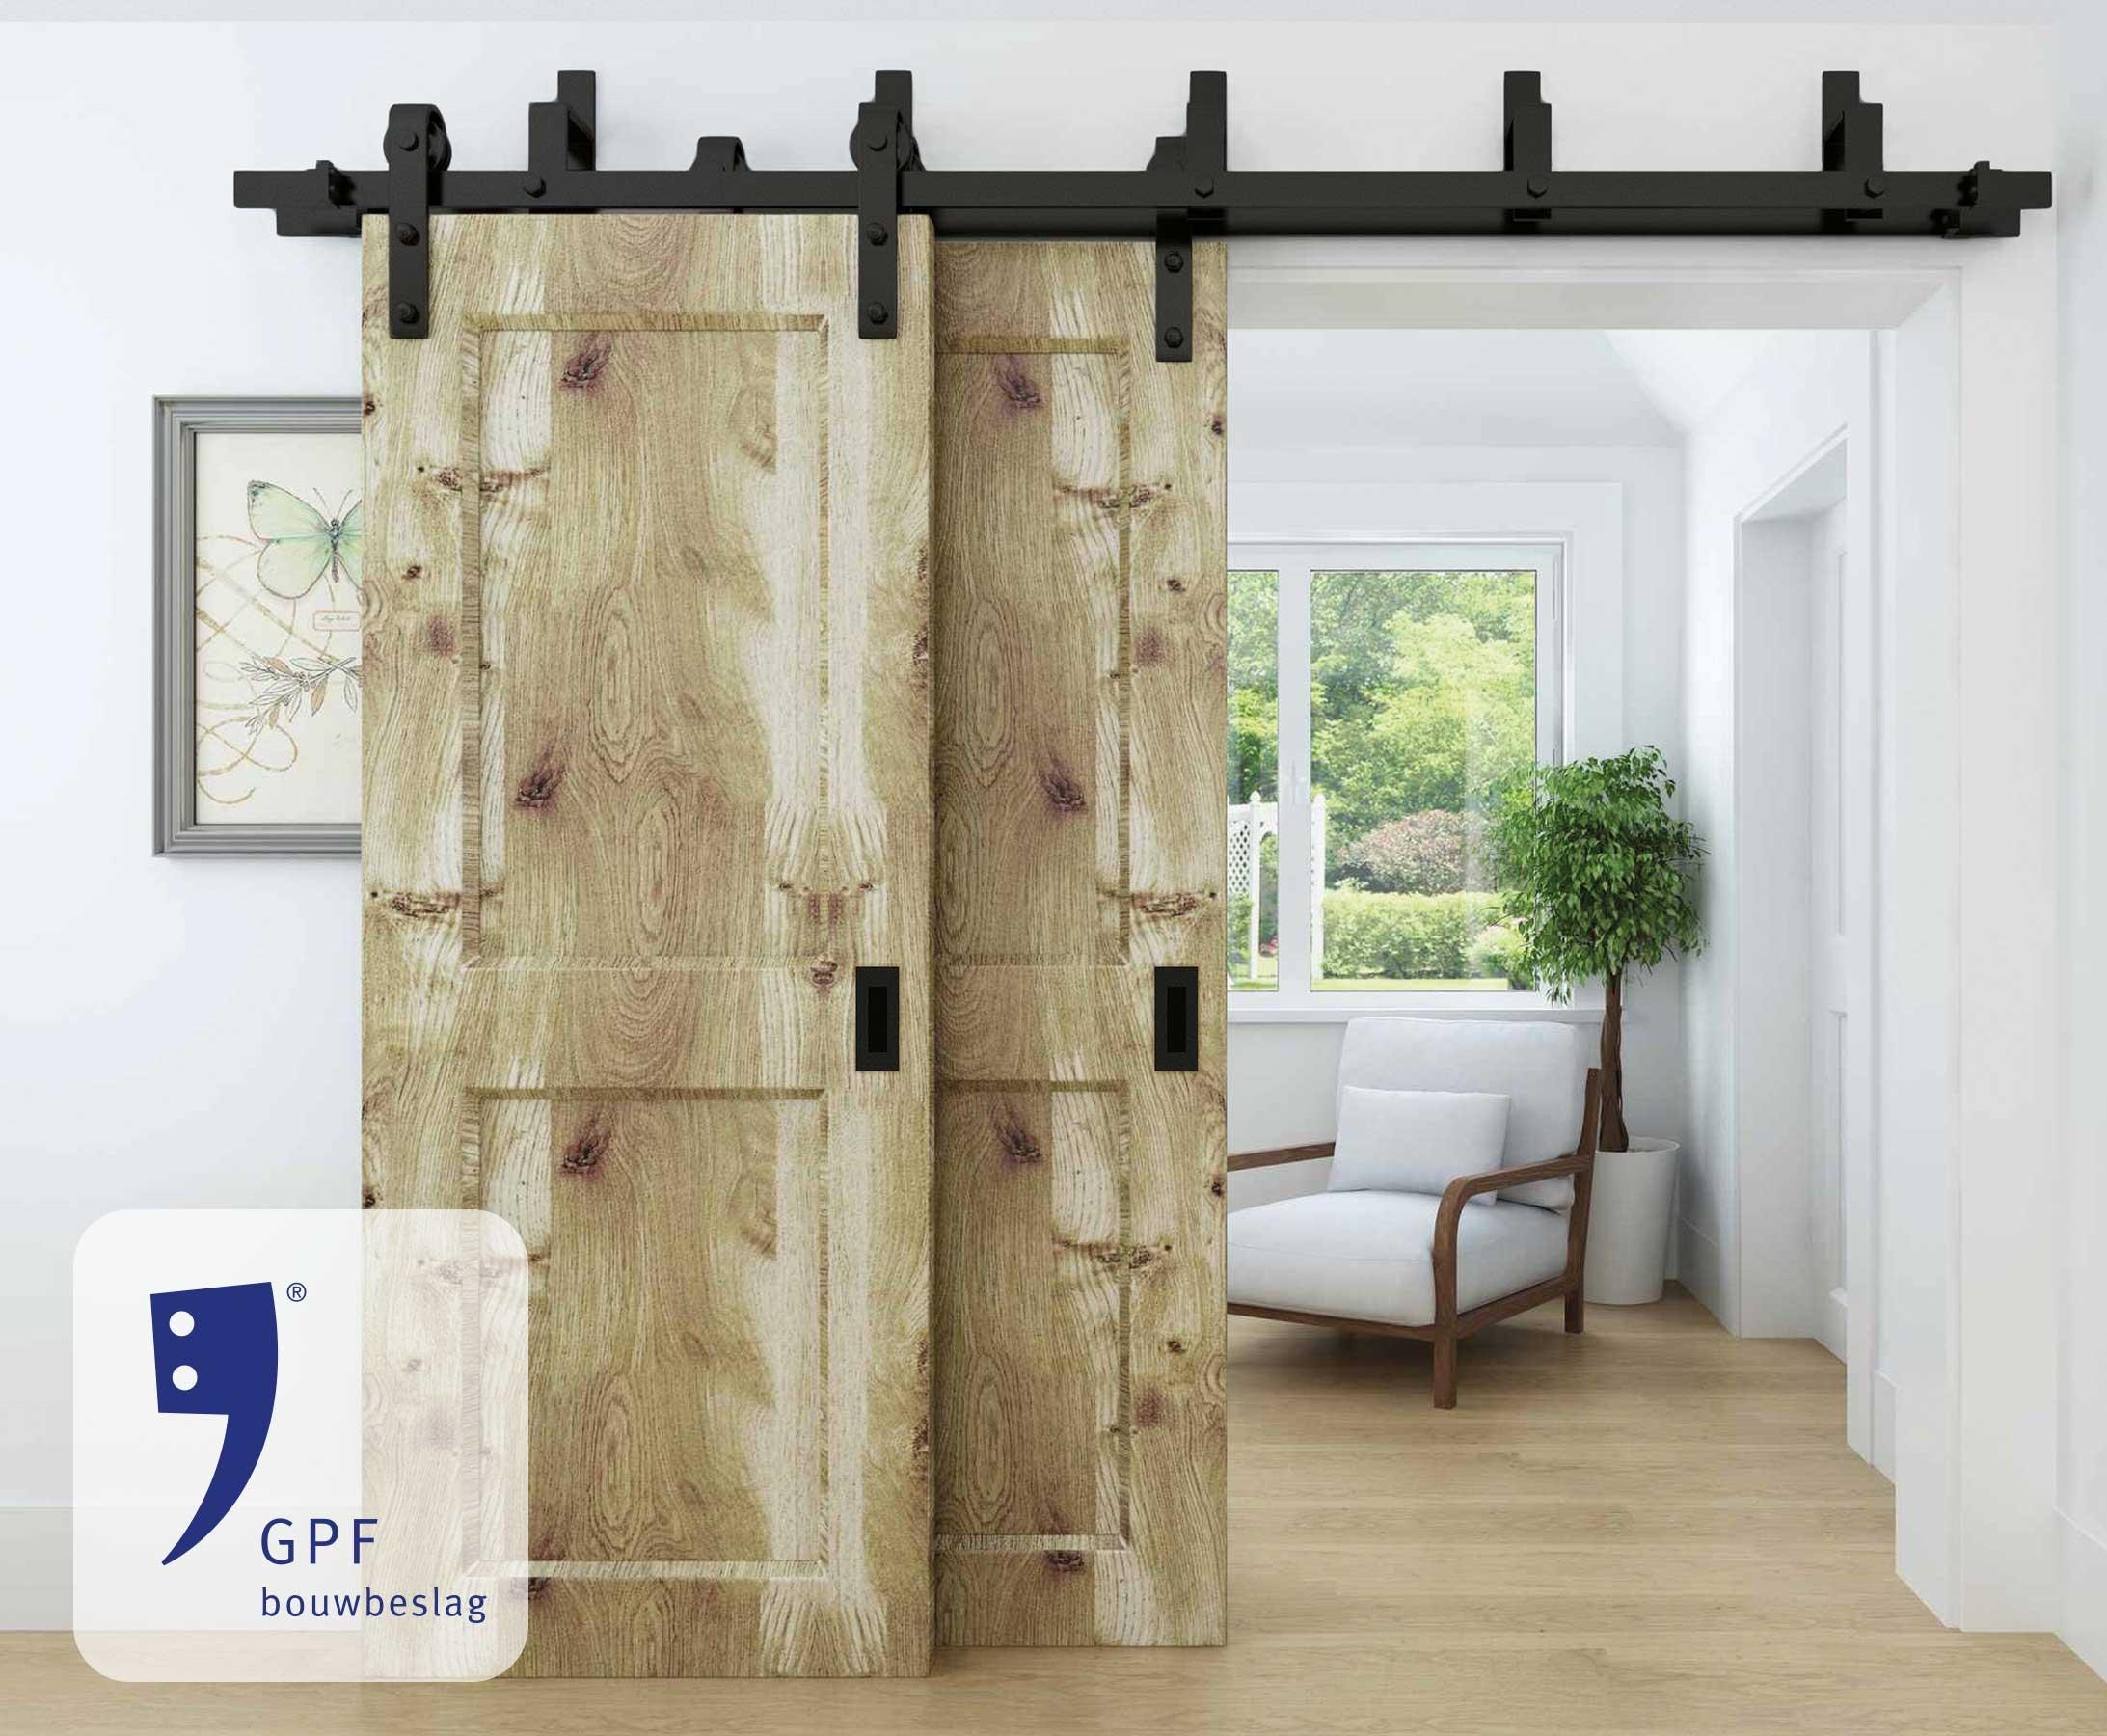 GPF Dubbel Schuifdeursysteem in zwart